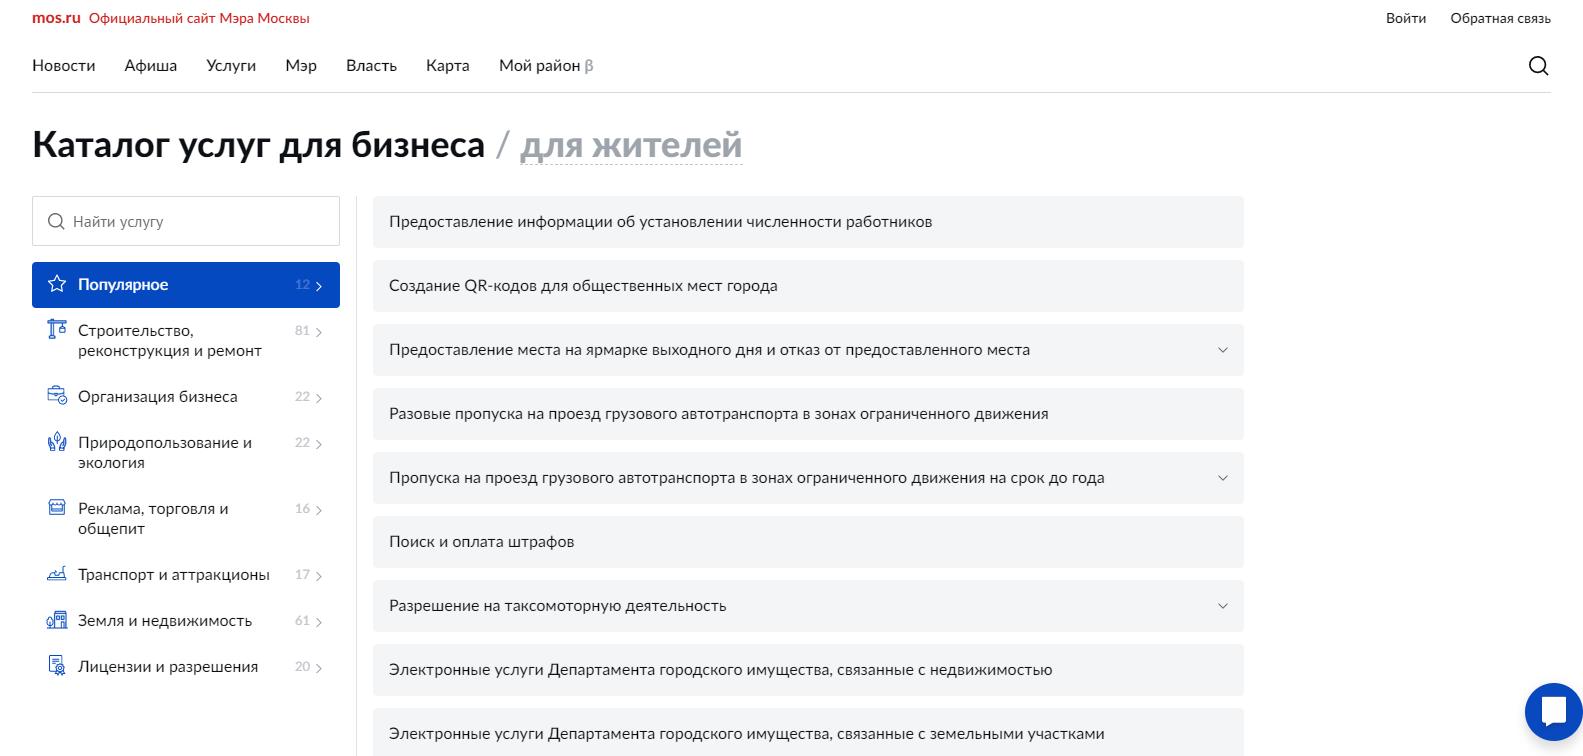 Каталог услуг для бизнеса в Москве